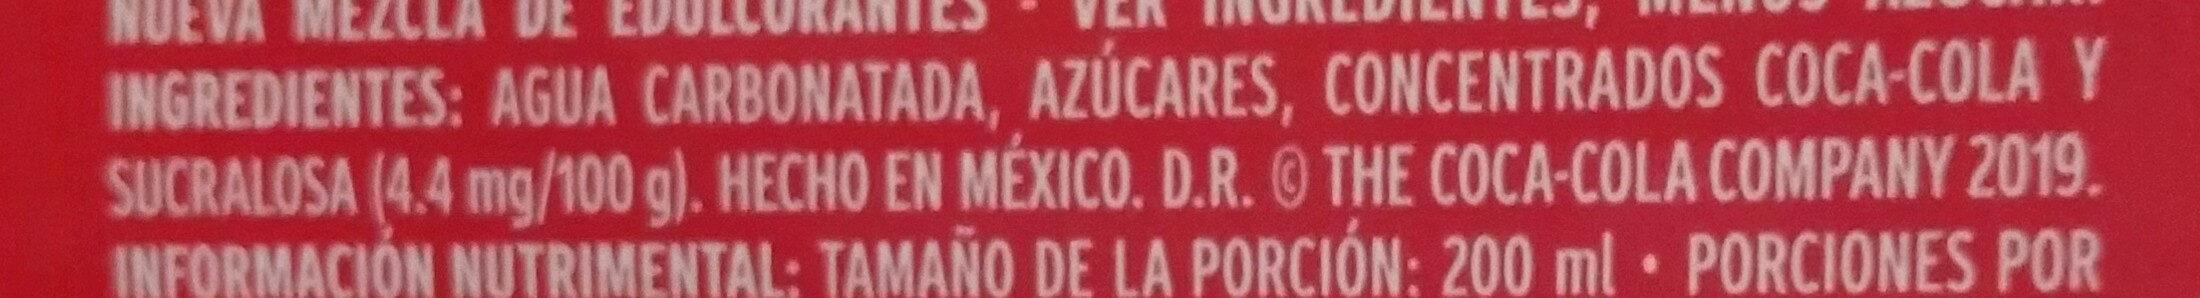 Coca-Cola sabor original - Ingrédients - es